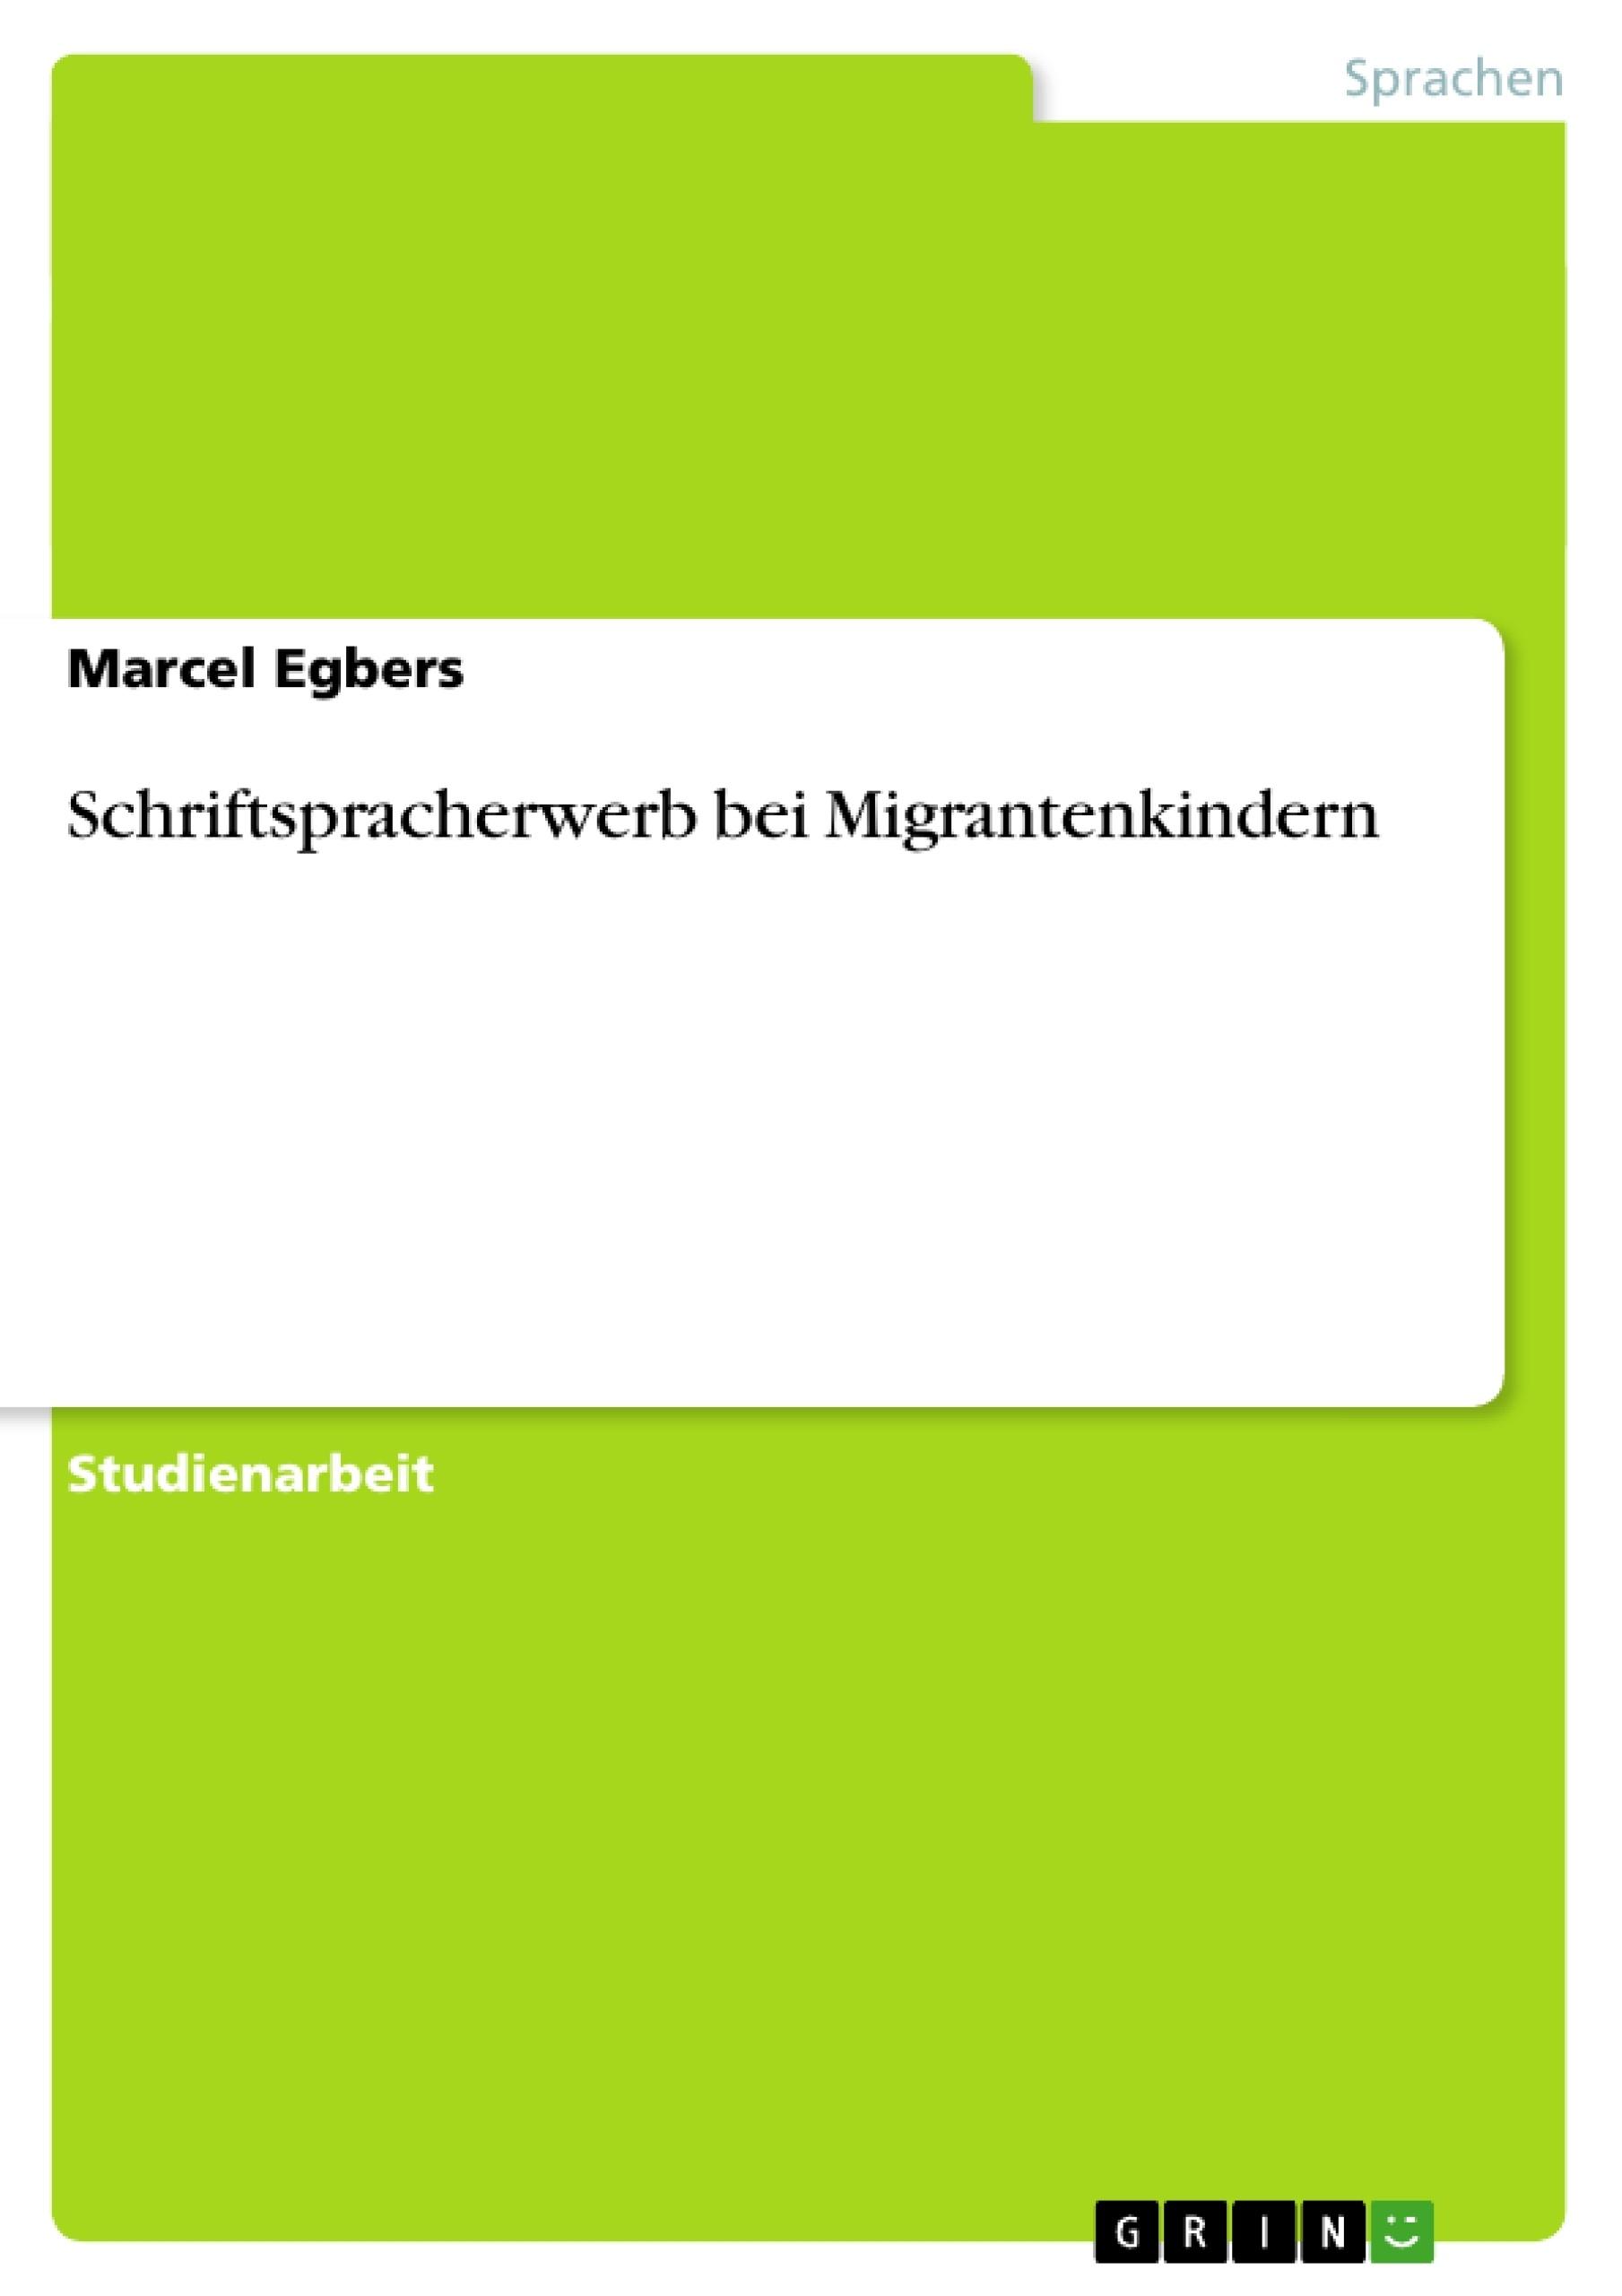 Titel: Schriftspracherwerb bei Migrantenkindern